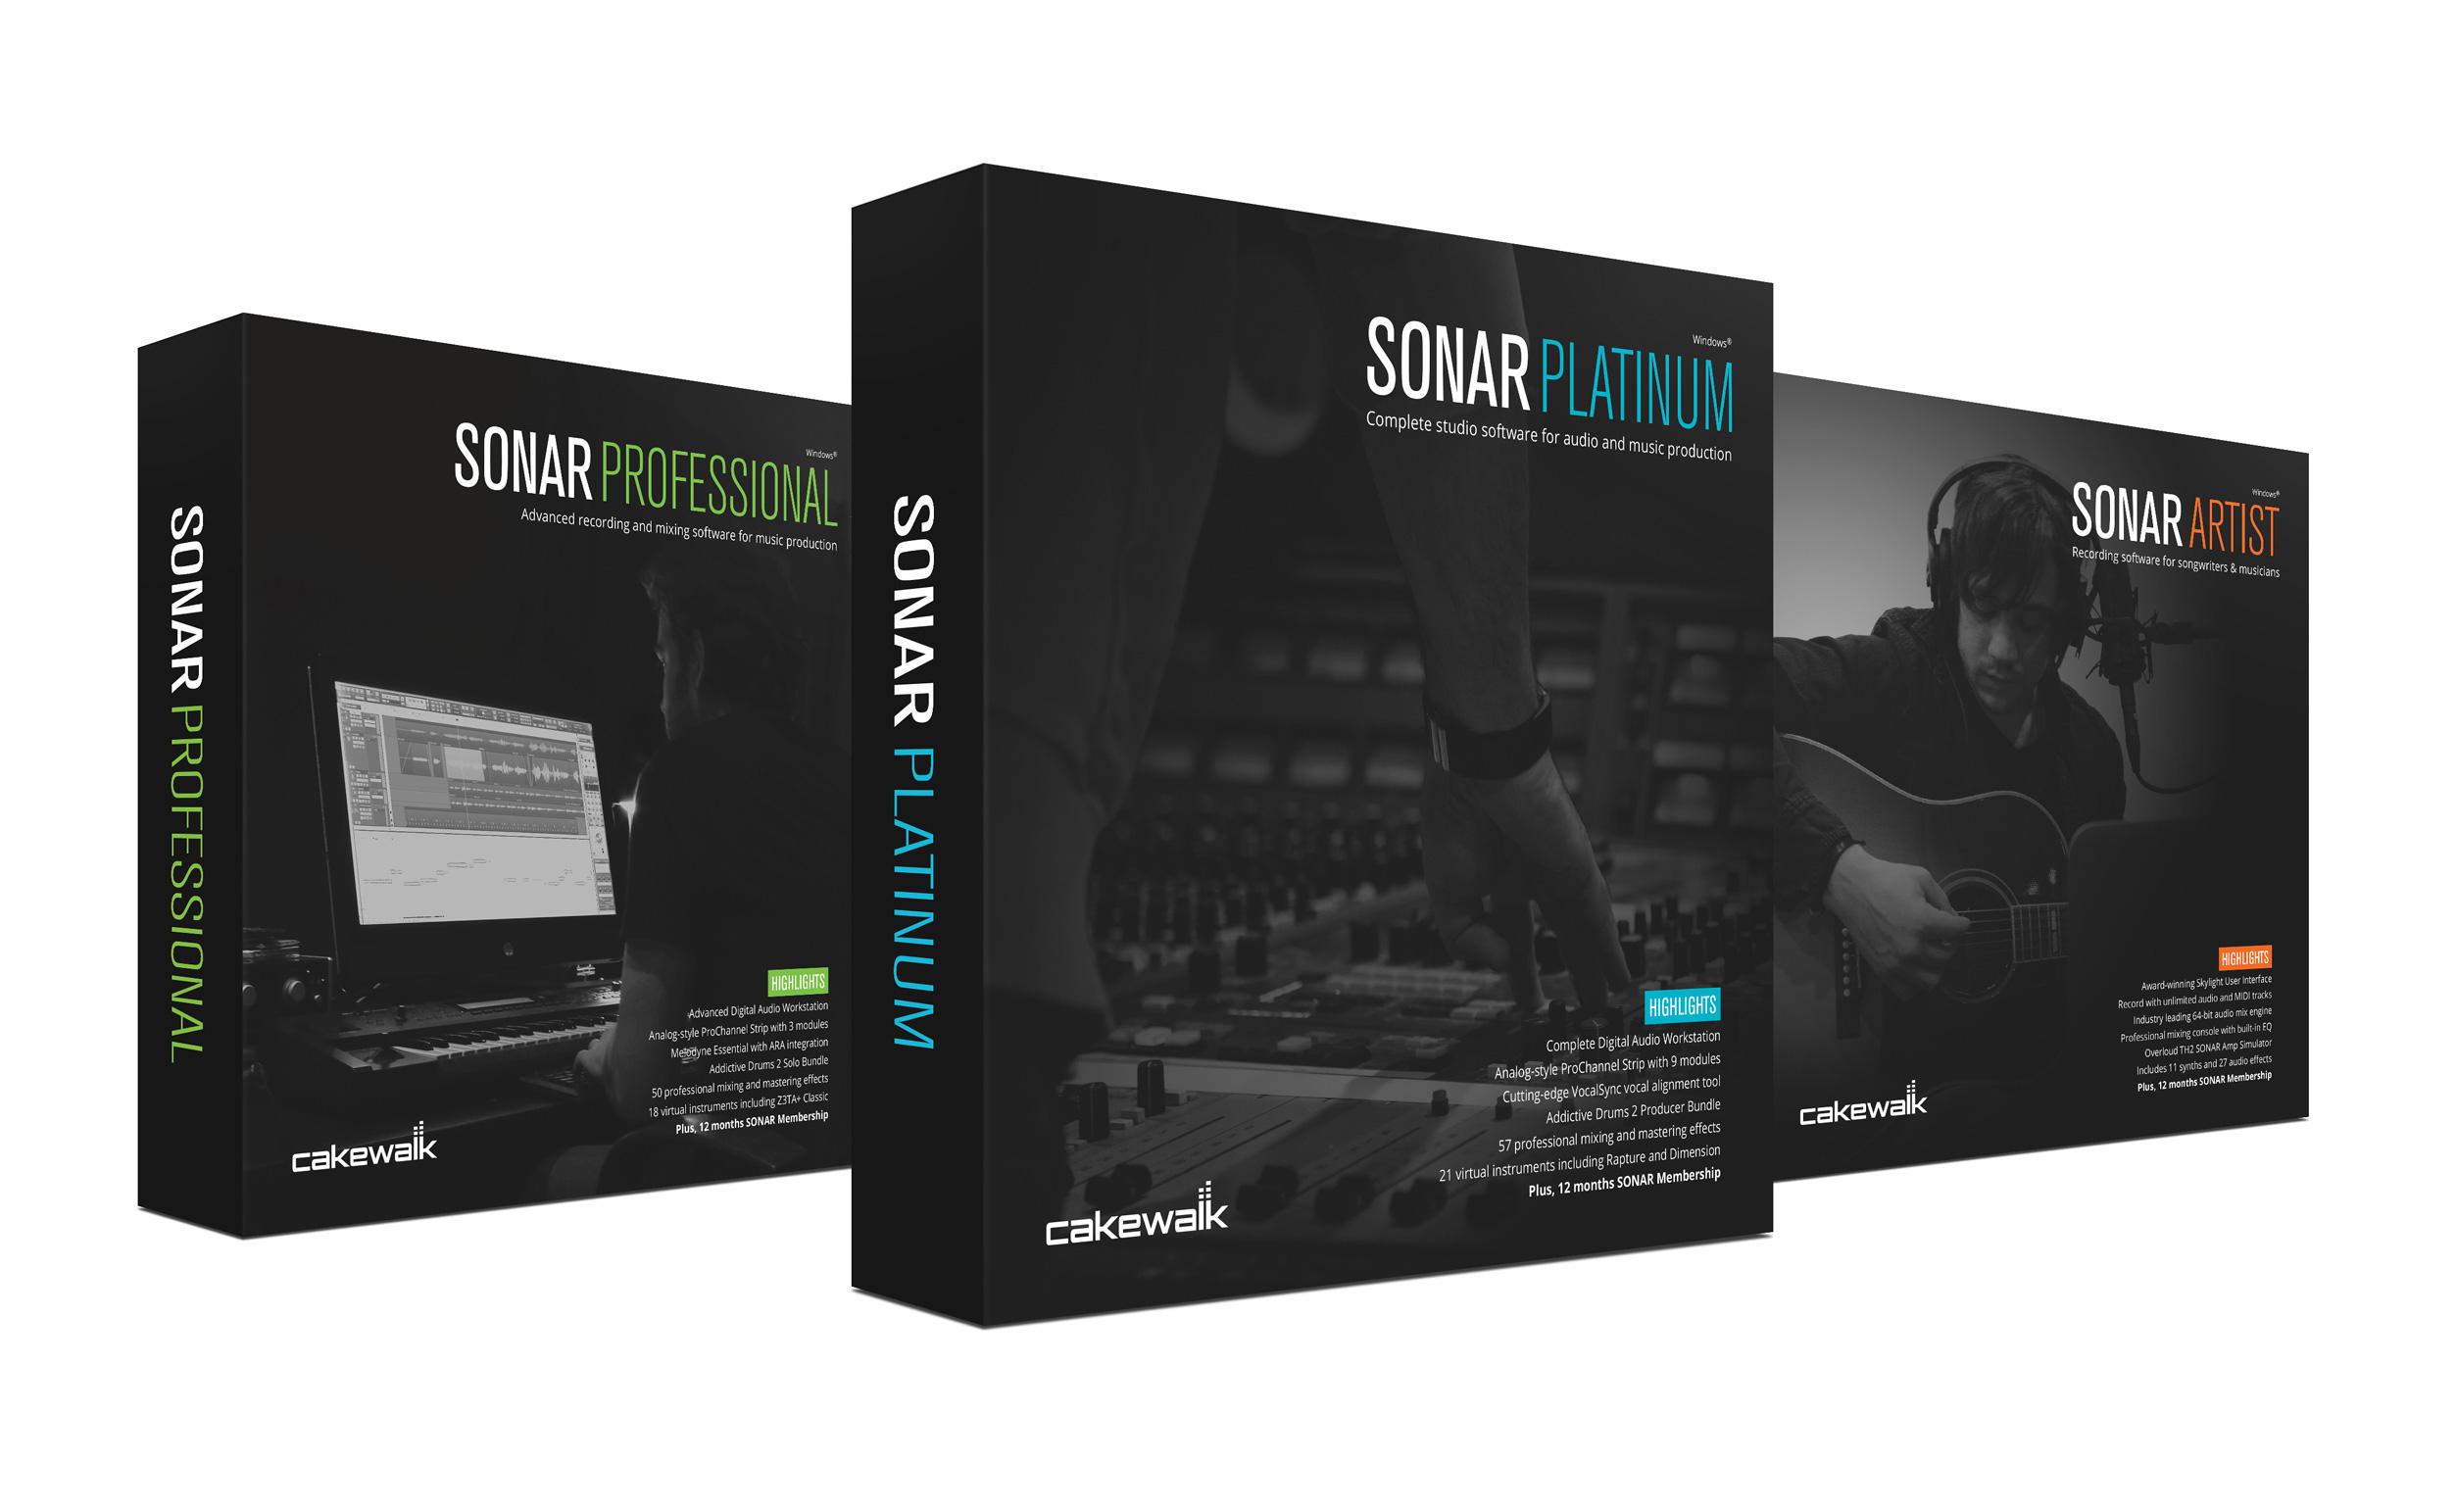 Des remises sur SONAR Platinum